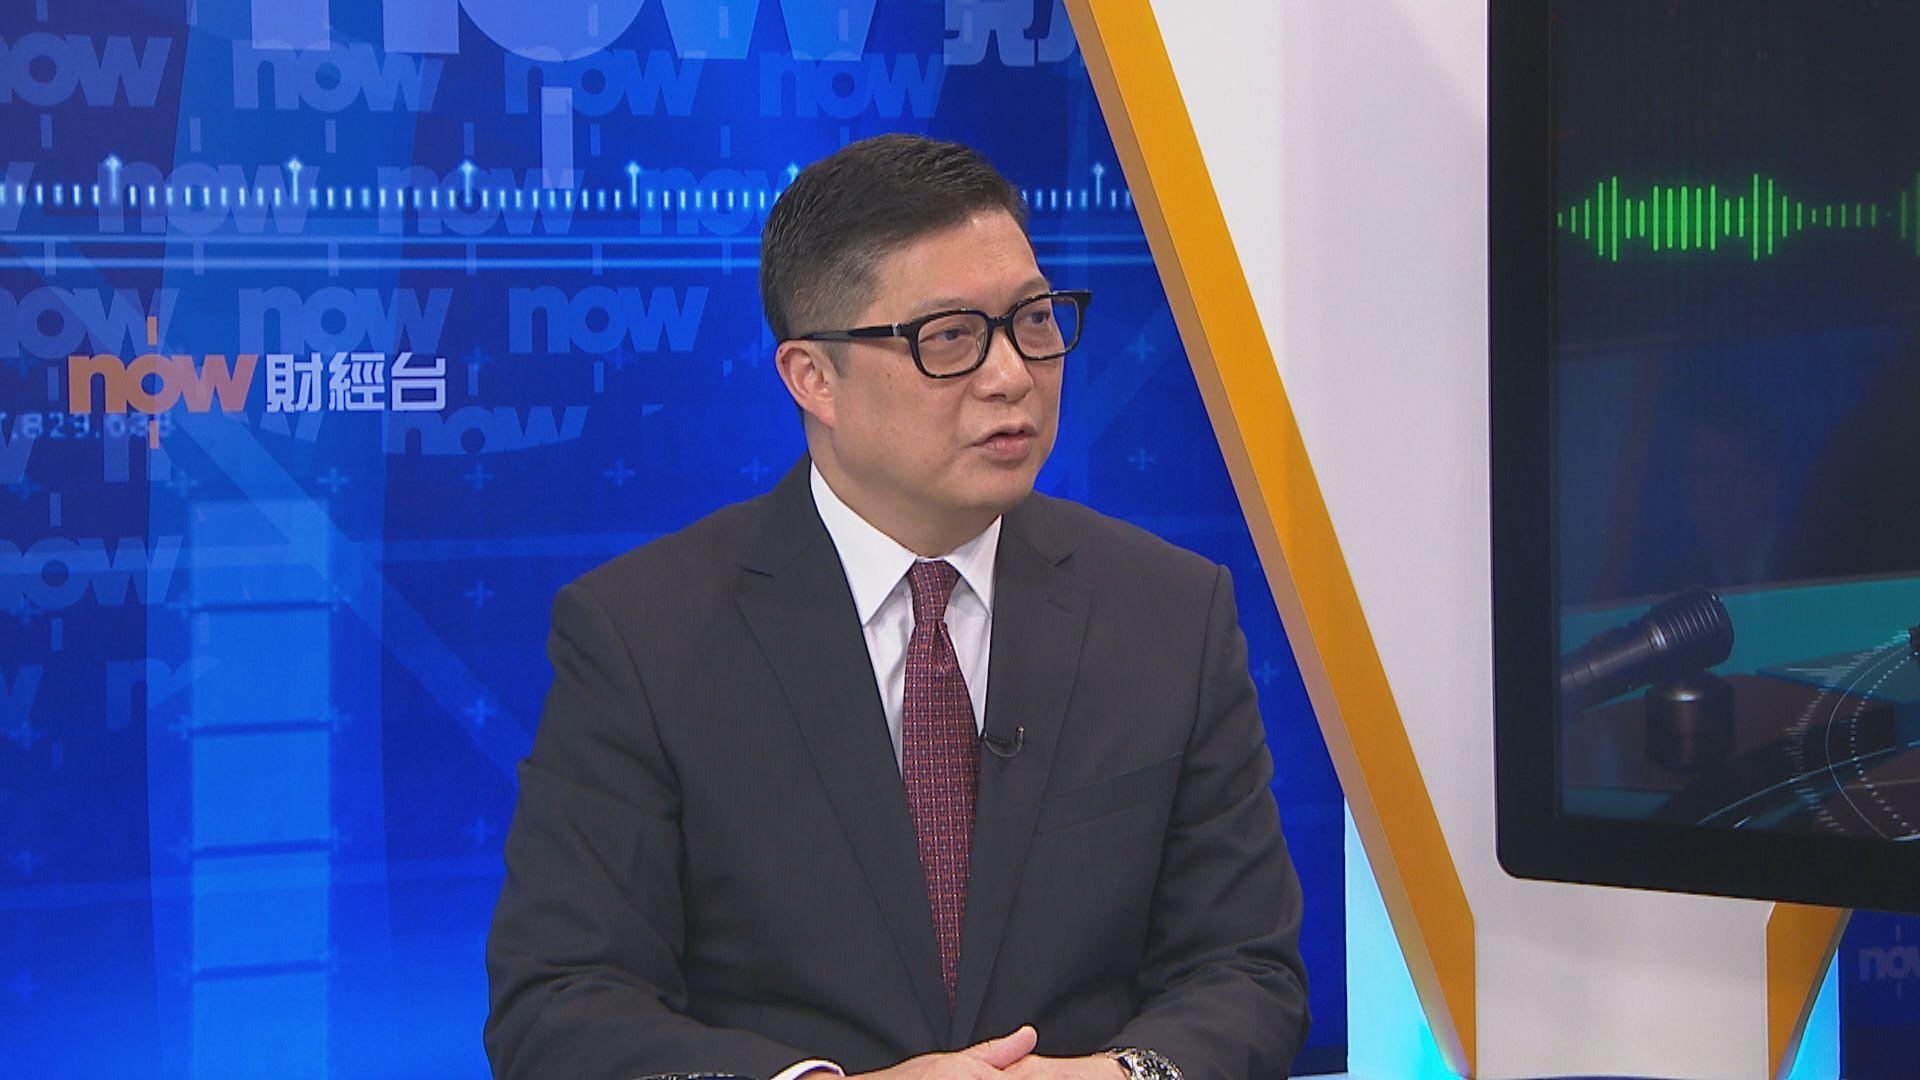 鄧炳強:辱罵公職人員培養不守法意識 支持研究立法